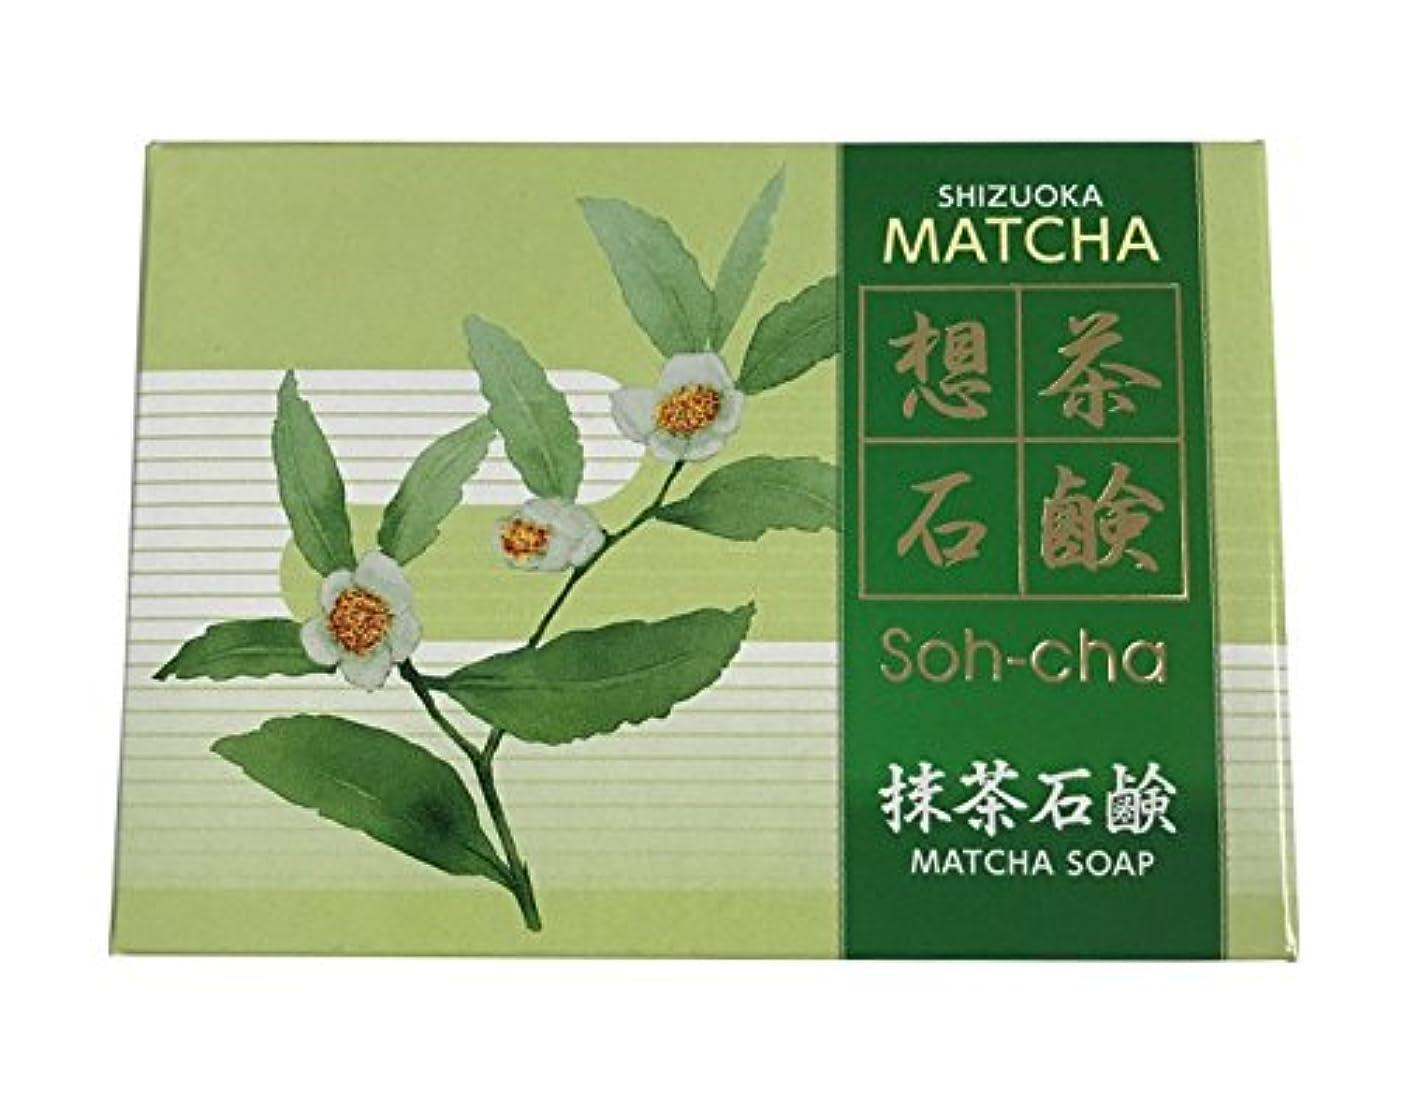 ビクターバター咽頭フロムS 想茶石鹸 抹茶 (泡立てネット付) 80g